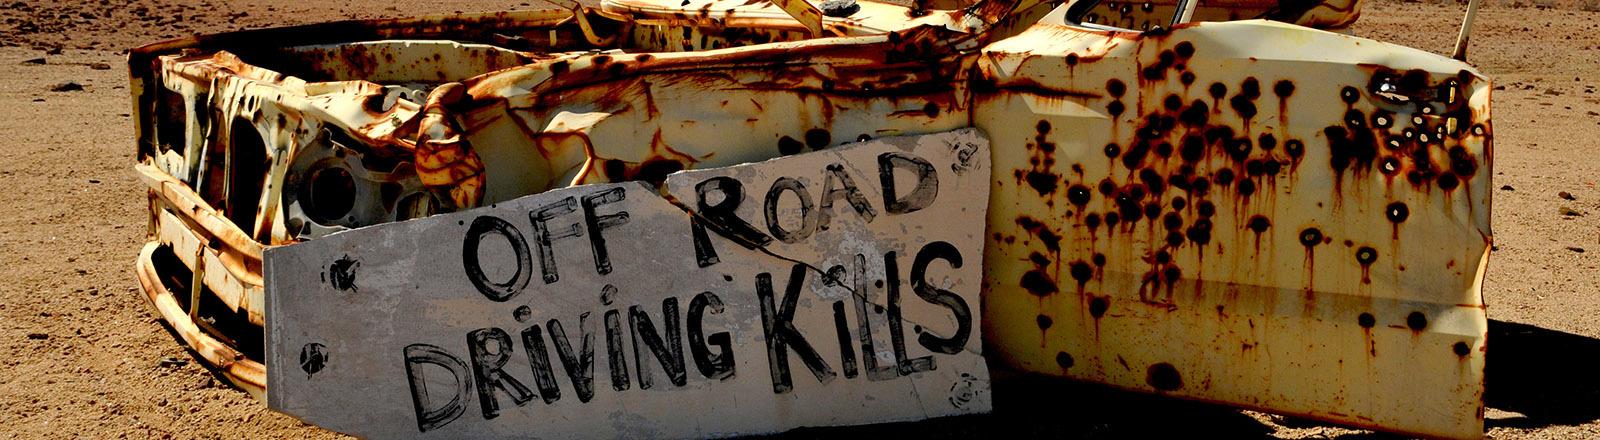 """Ein Autowrack mit einem Schild davor: """"Off road driving kills"""""""